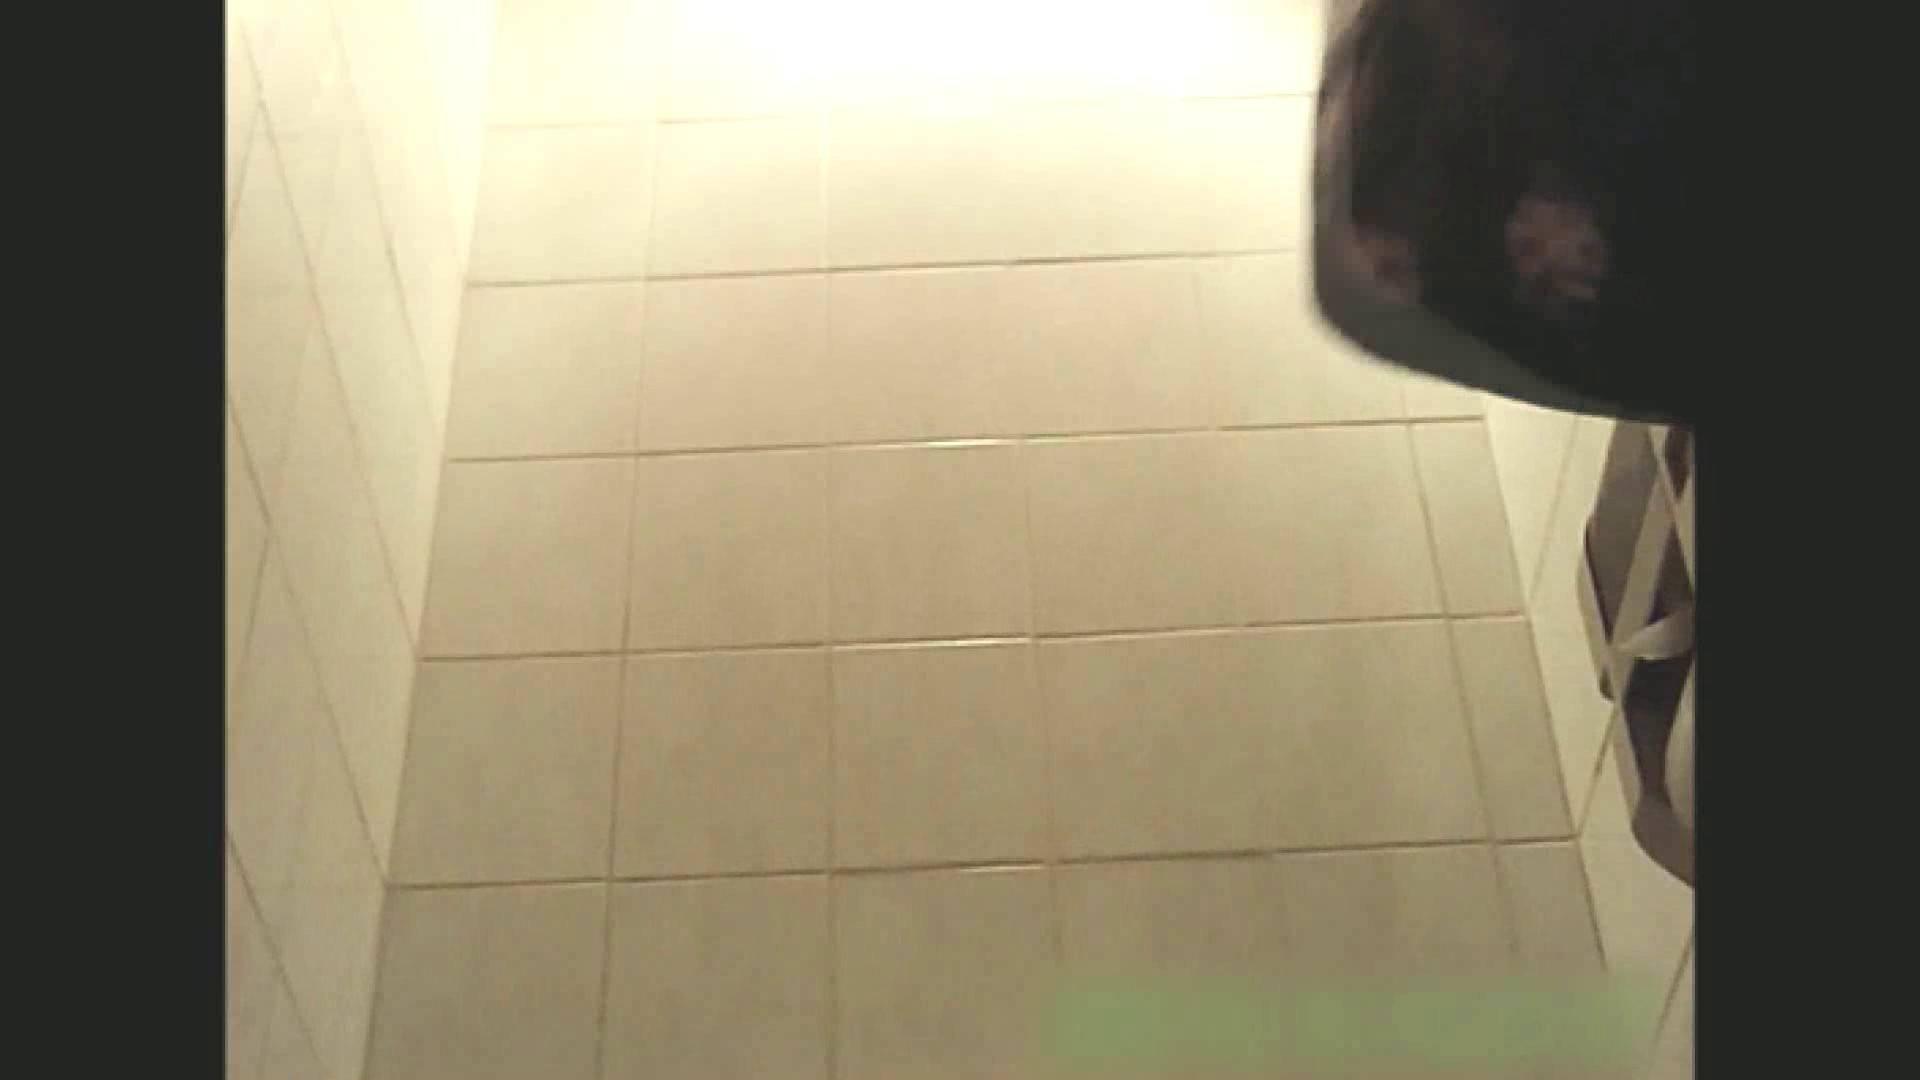 実録!!綺麗なお姉さんのトイレ事情・・・。vol.13 お尻 隠し撮りオマンコ動画紹介 105pic 79